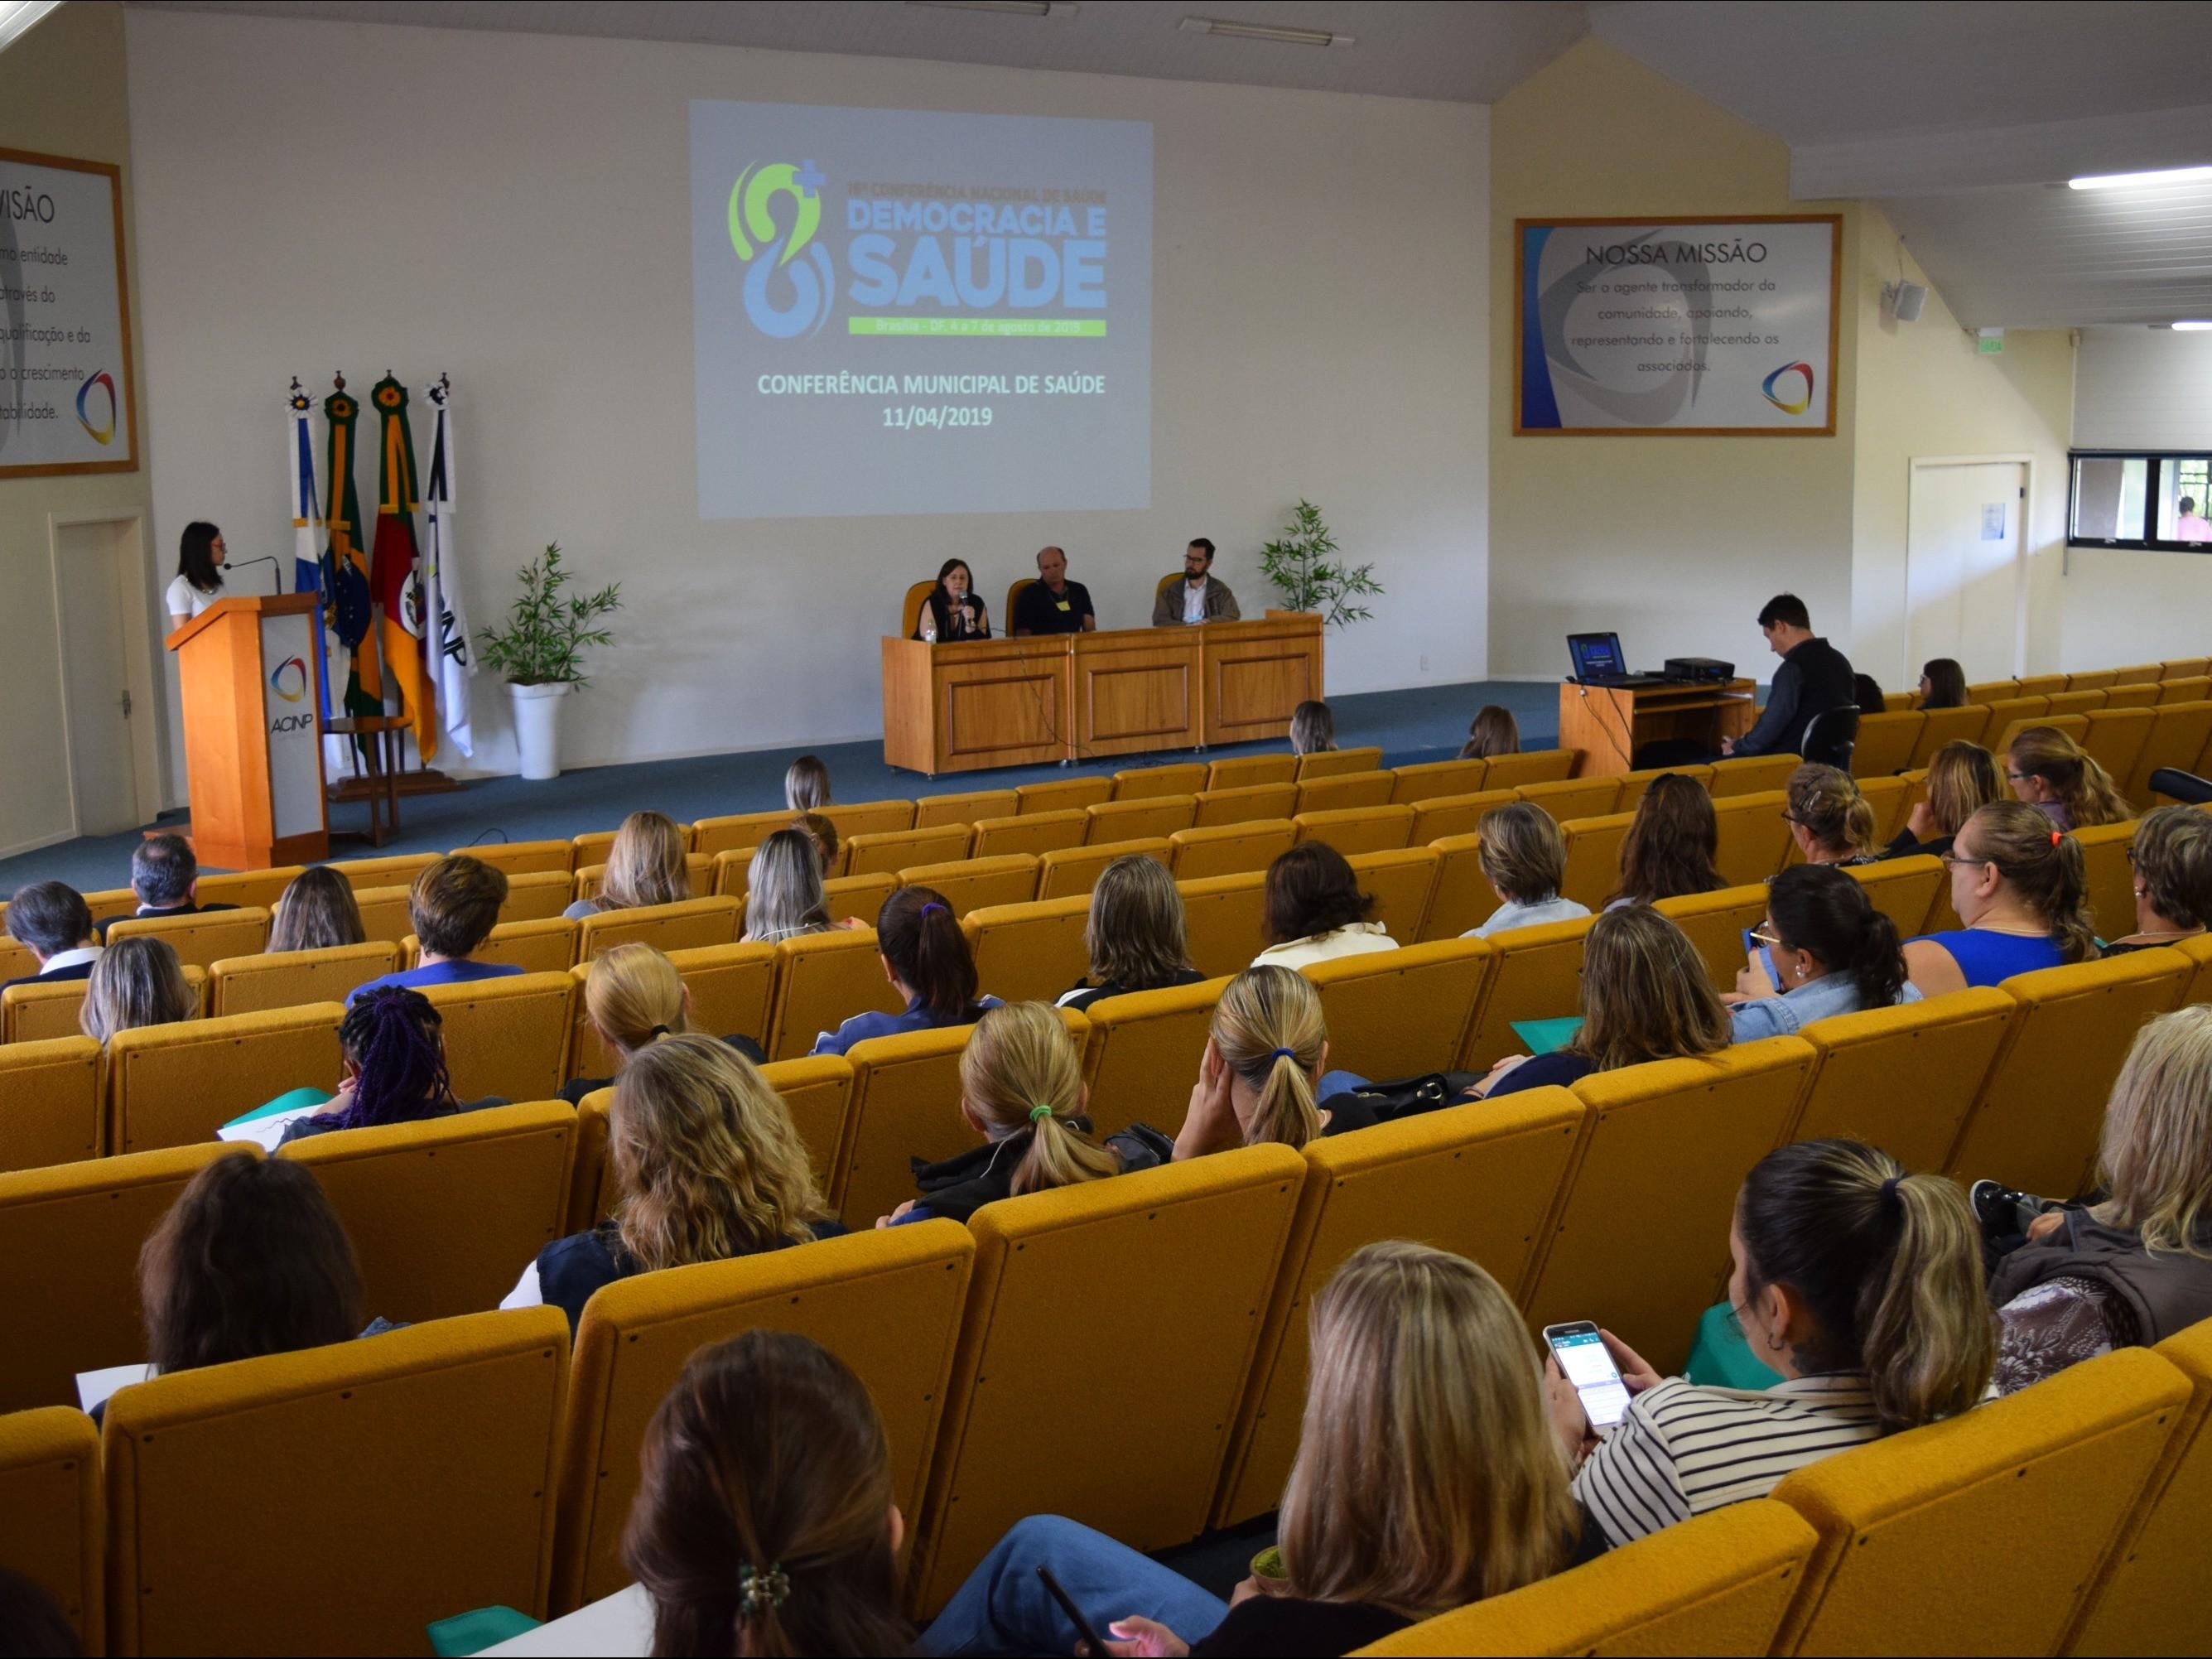 Foto de capa da notícia: Nova Petrópolis realiza Conferência Municipal de Saúde